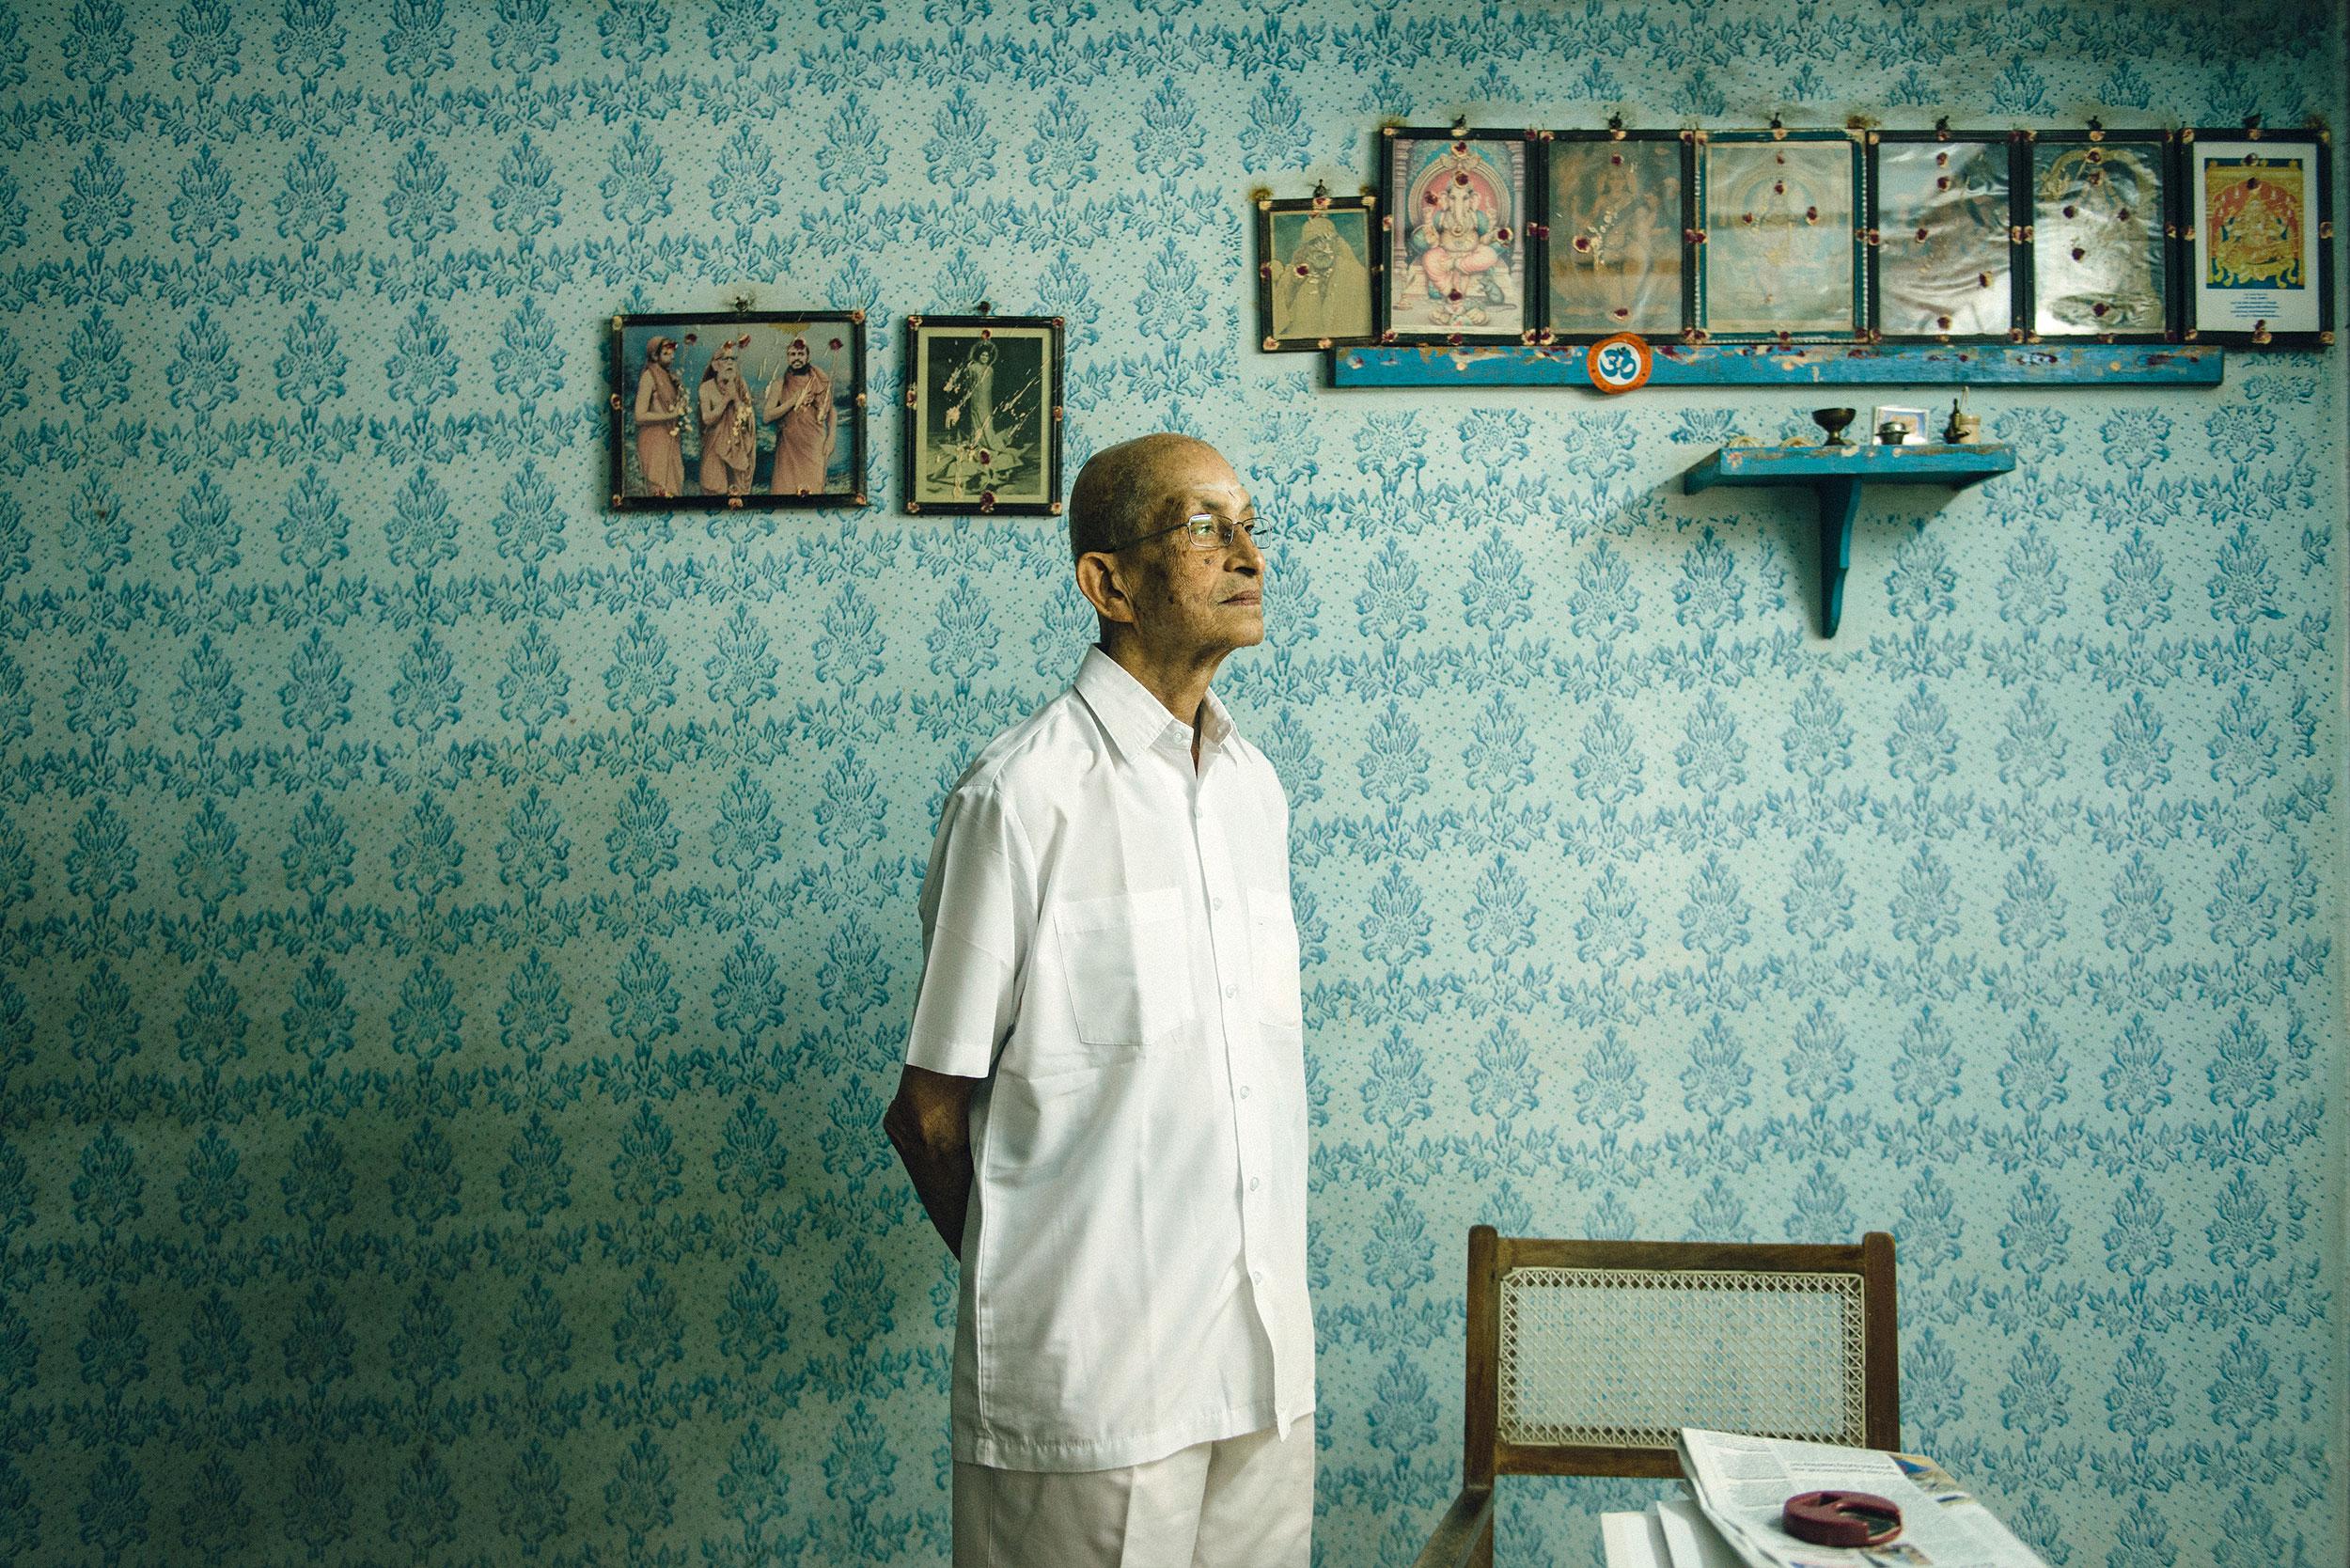 madhavan_palanisamy_chennai_portraits_37.jpg